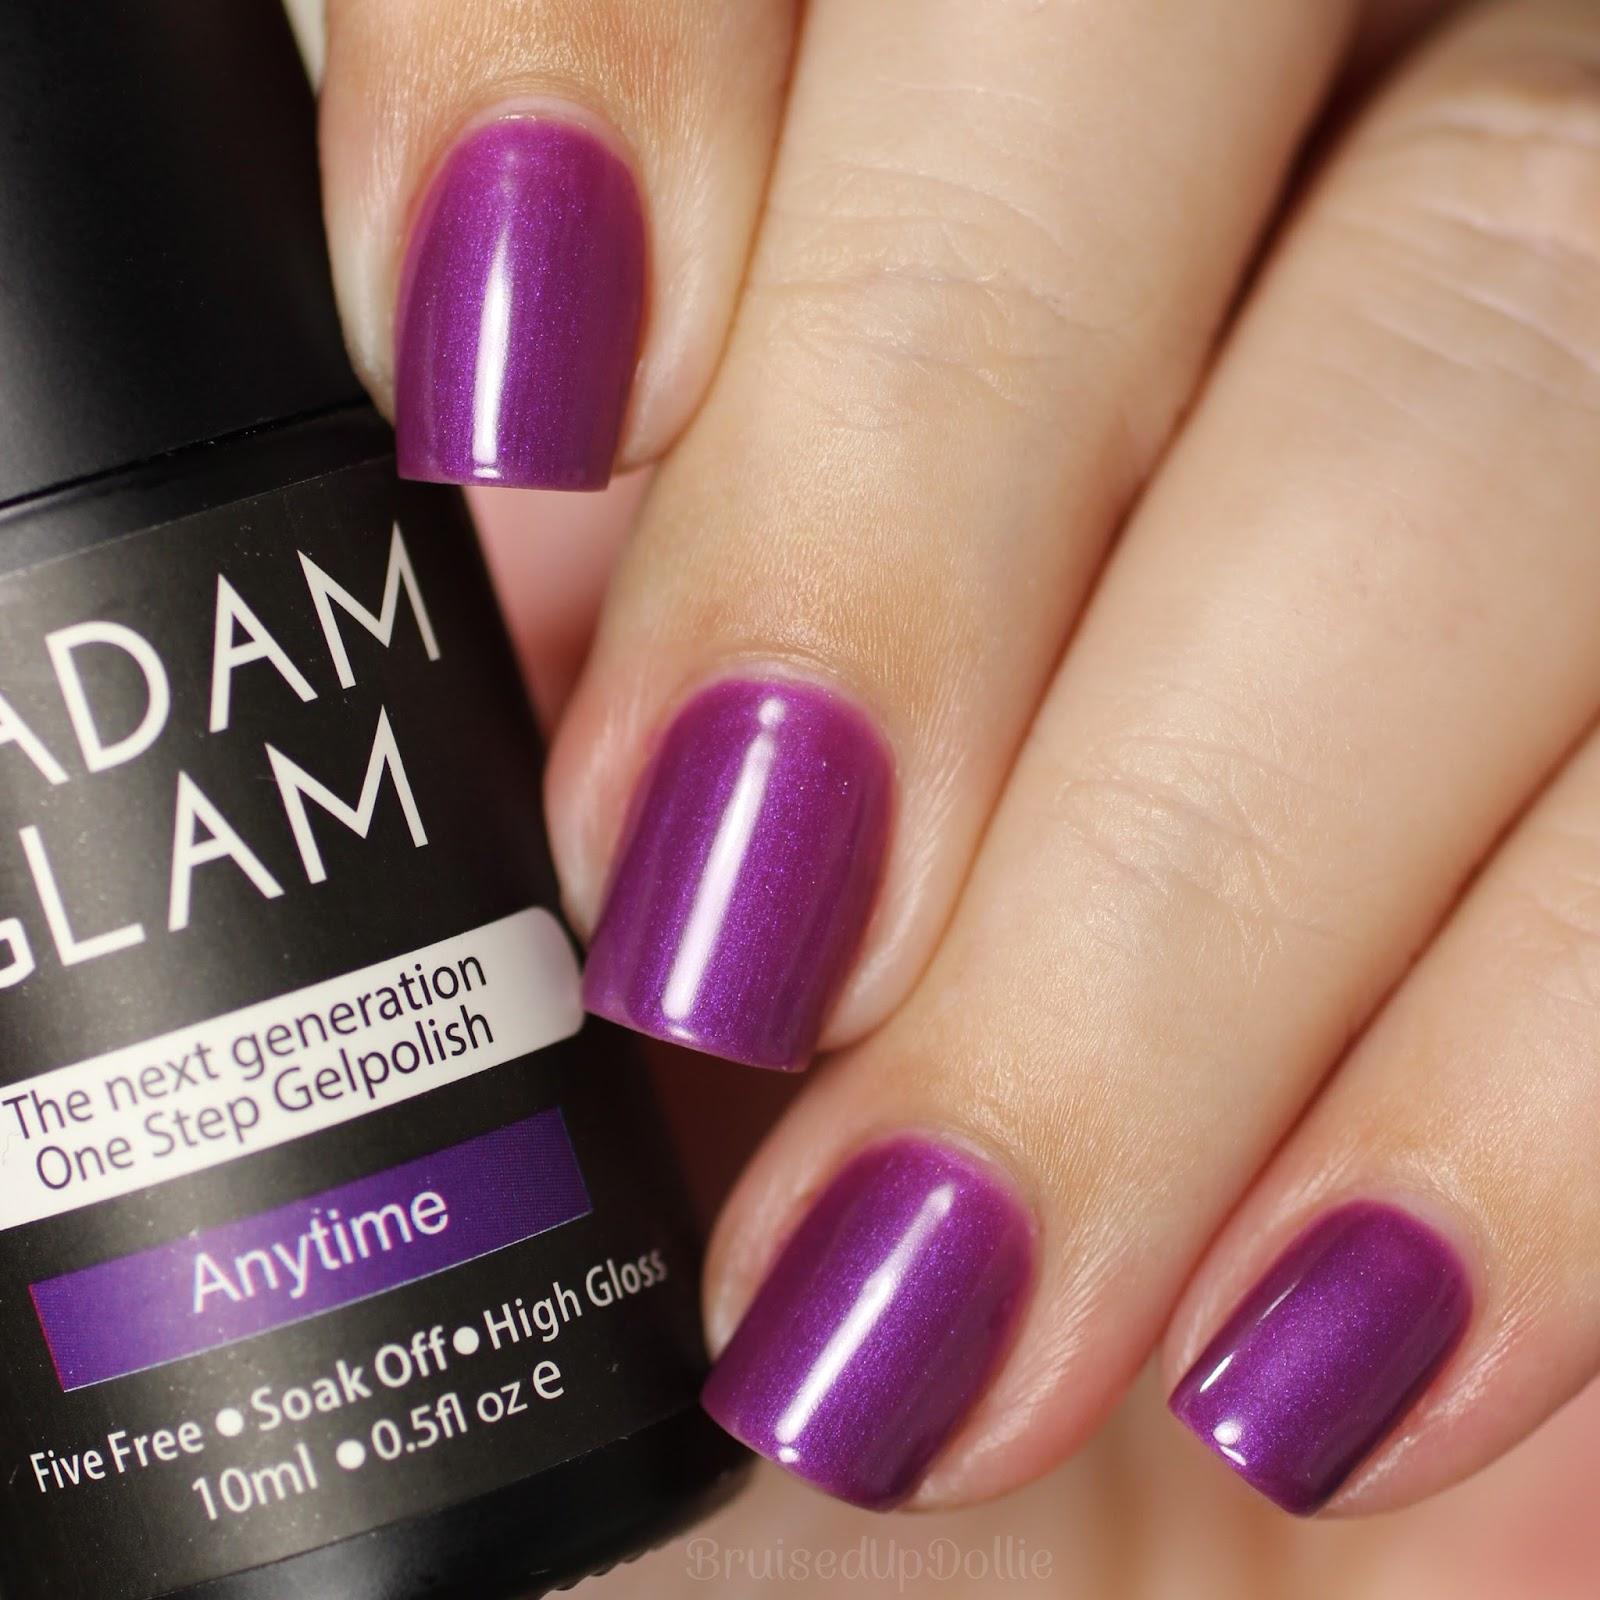 Madam Glam One Step Gel Swatches pt.1 - BruisedUpDollie Nails